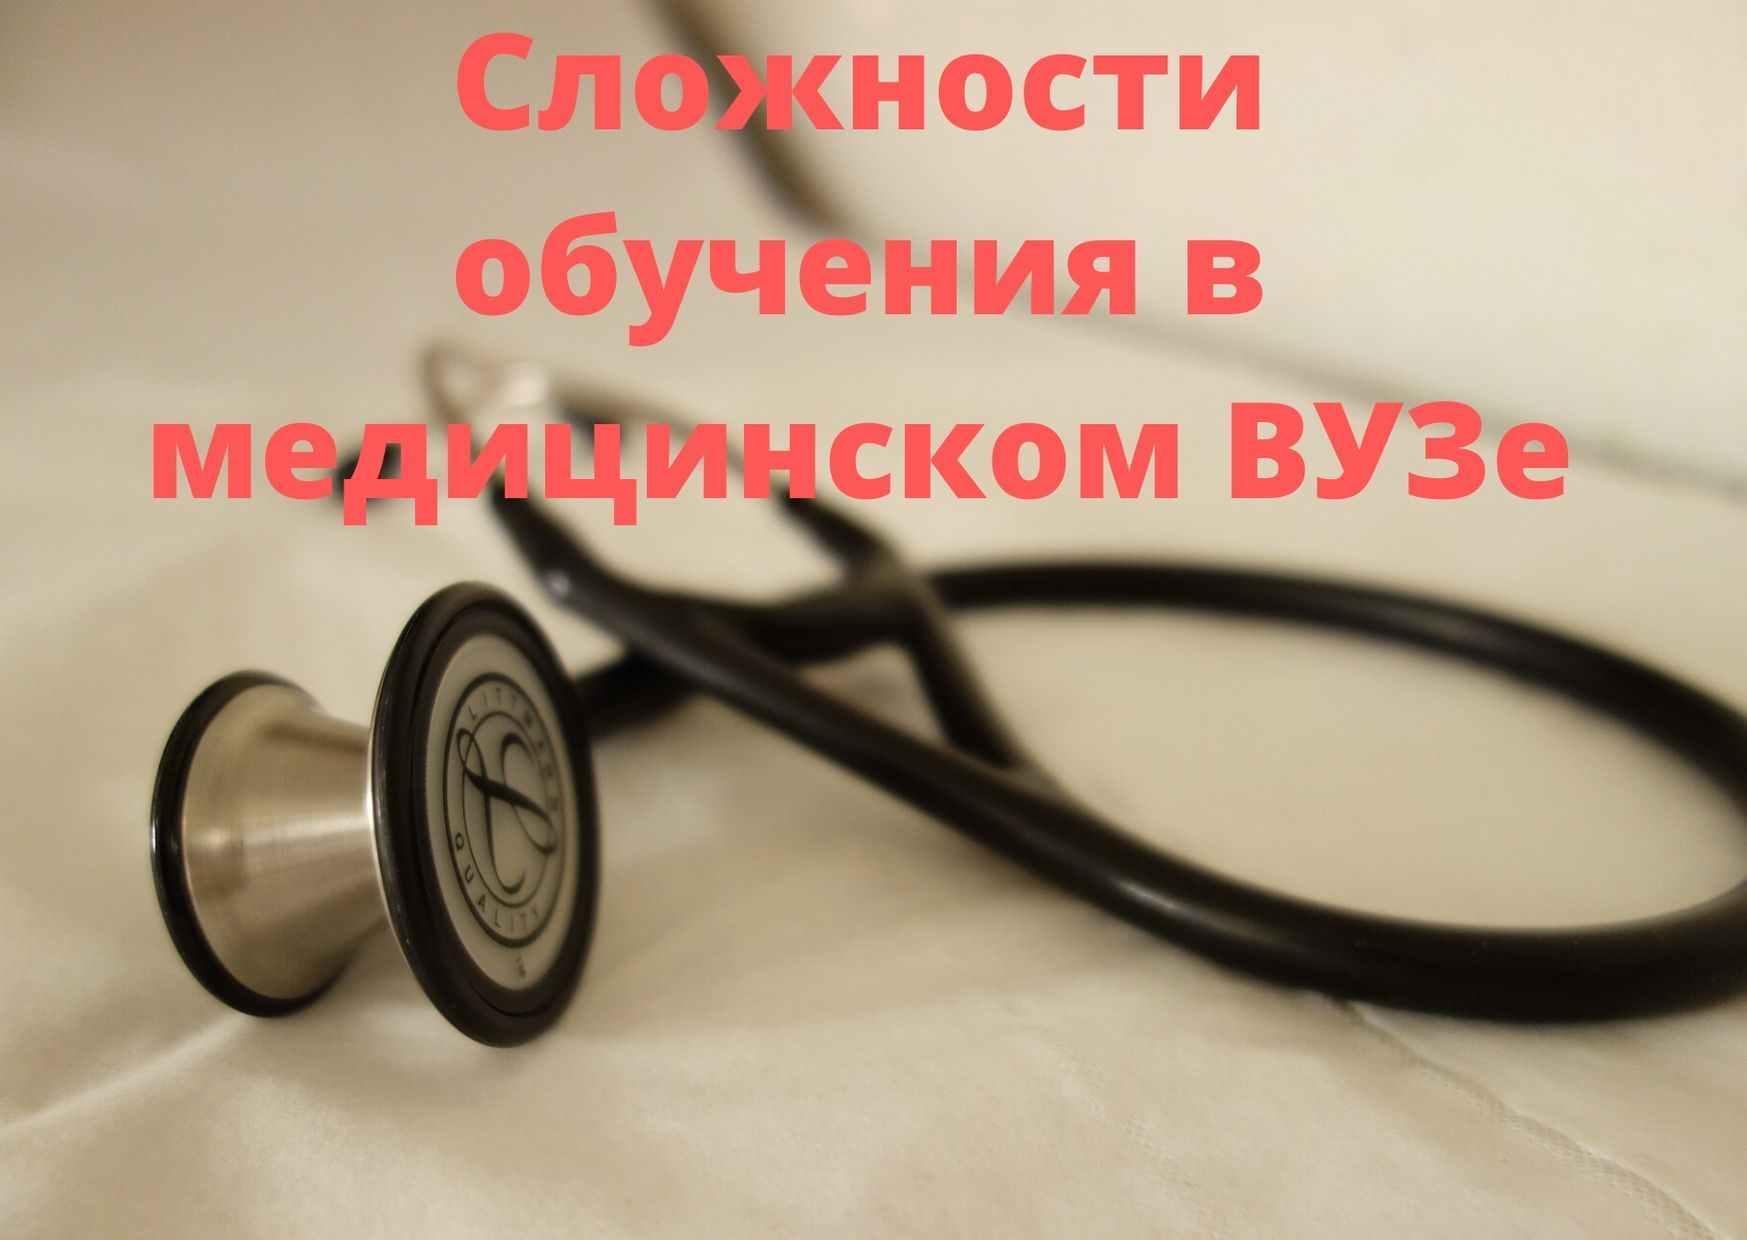 Сложности обучения в медицинском ВУЗе